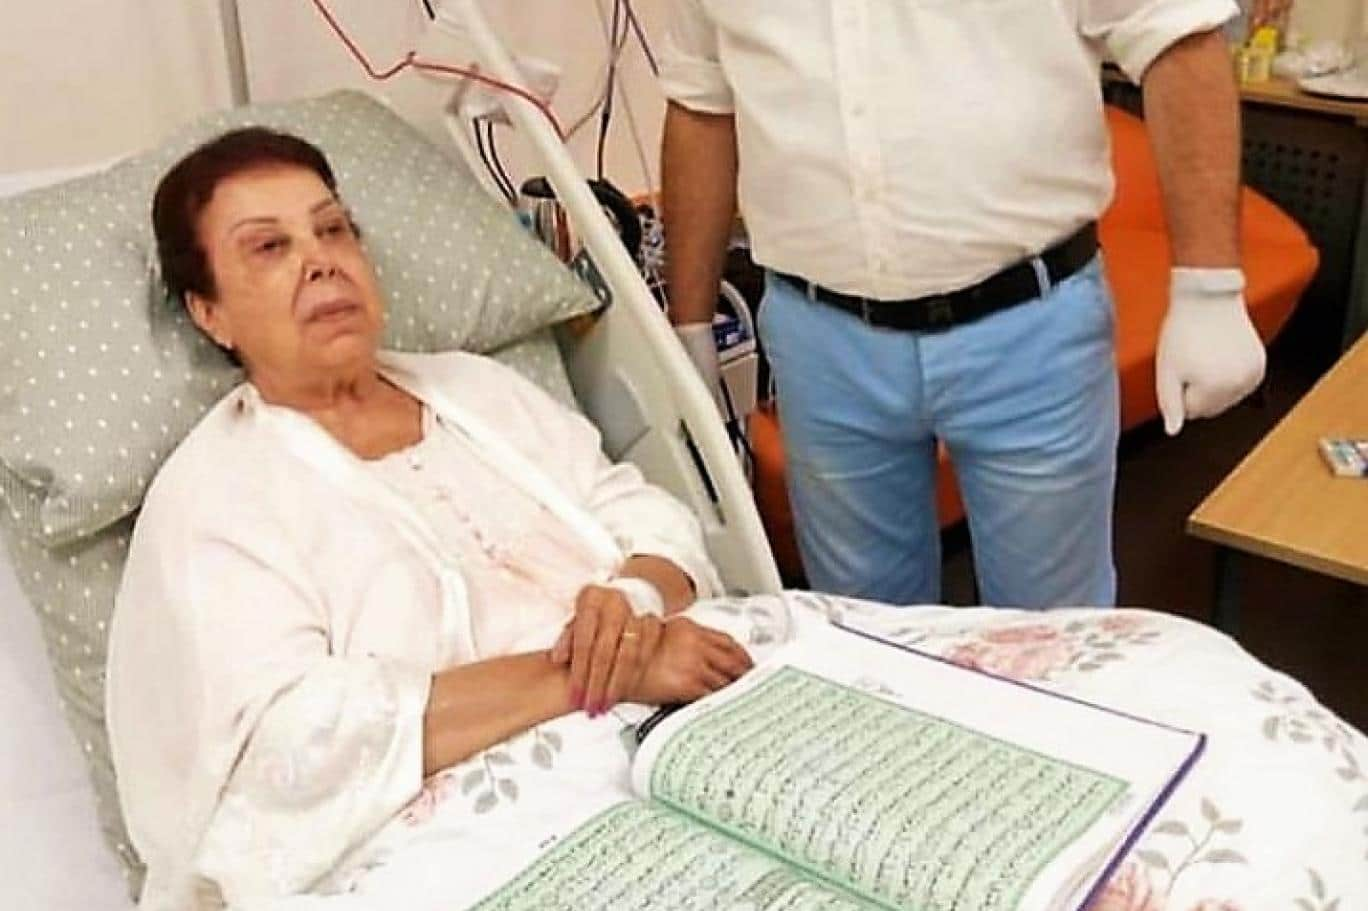 ابنة رجاء الجداوي تكشف وصية والدتها وآخر ما طلبته من الممرضة